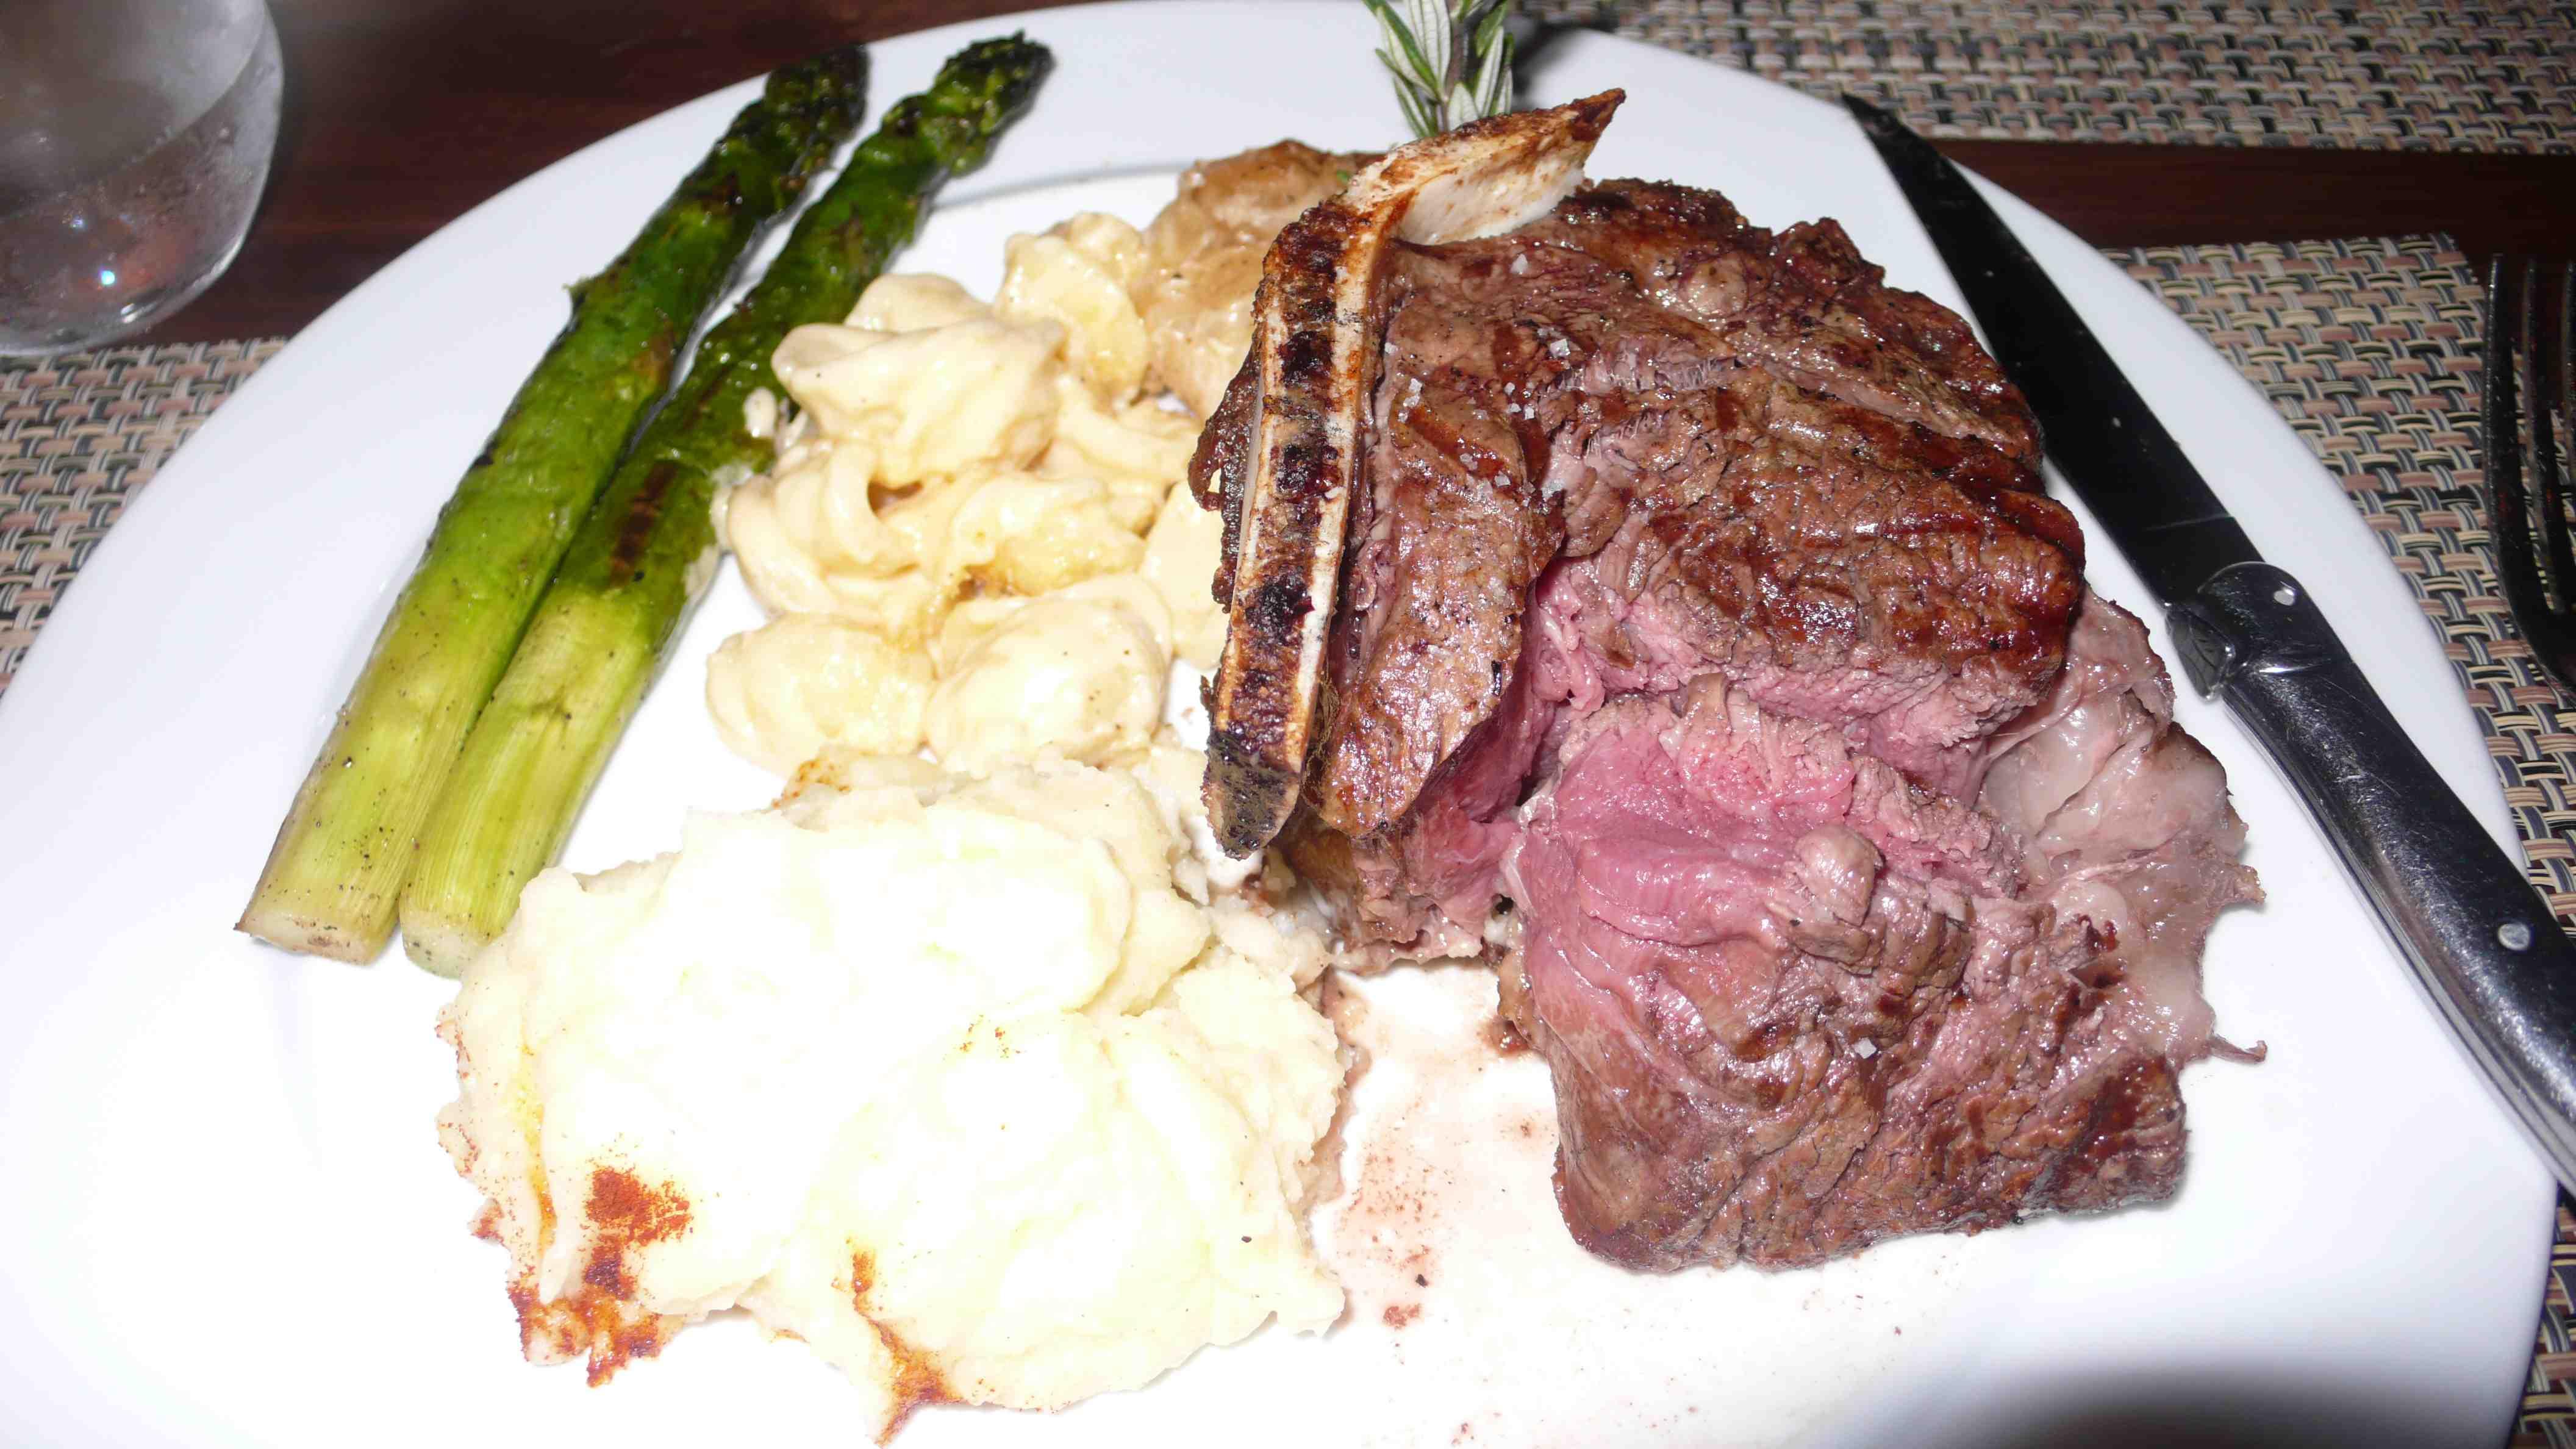 My plate, yummy